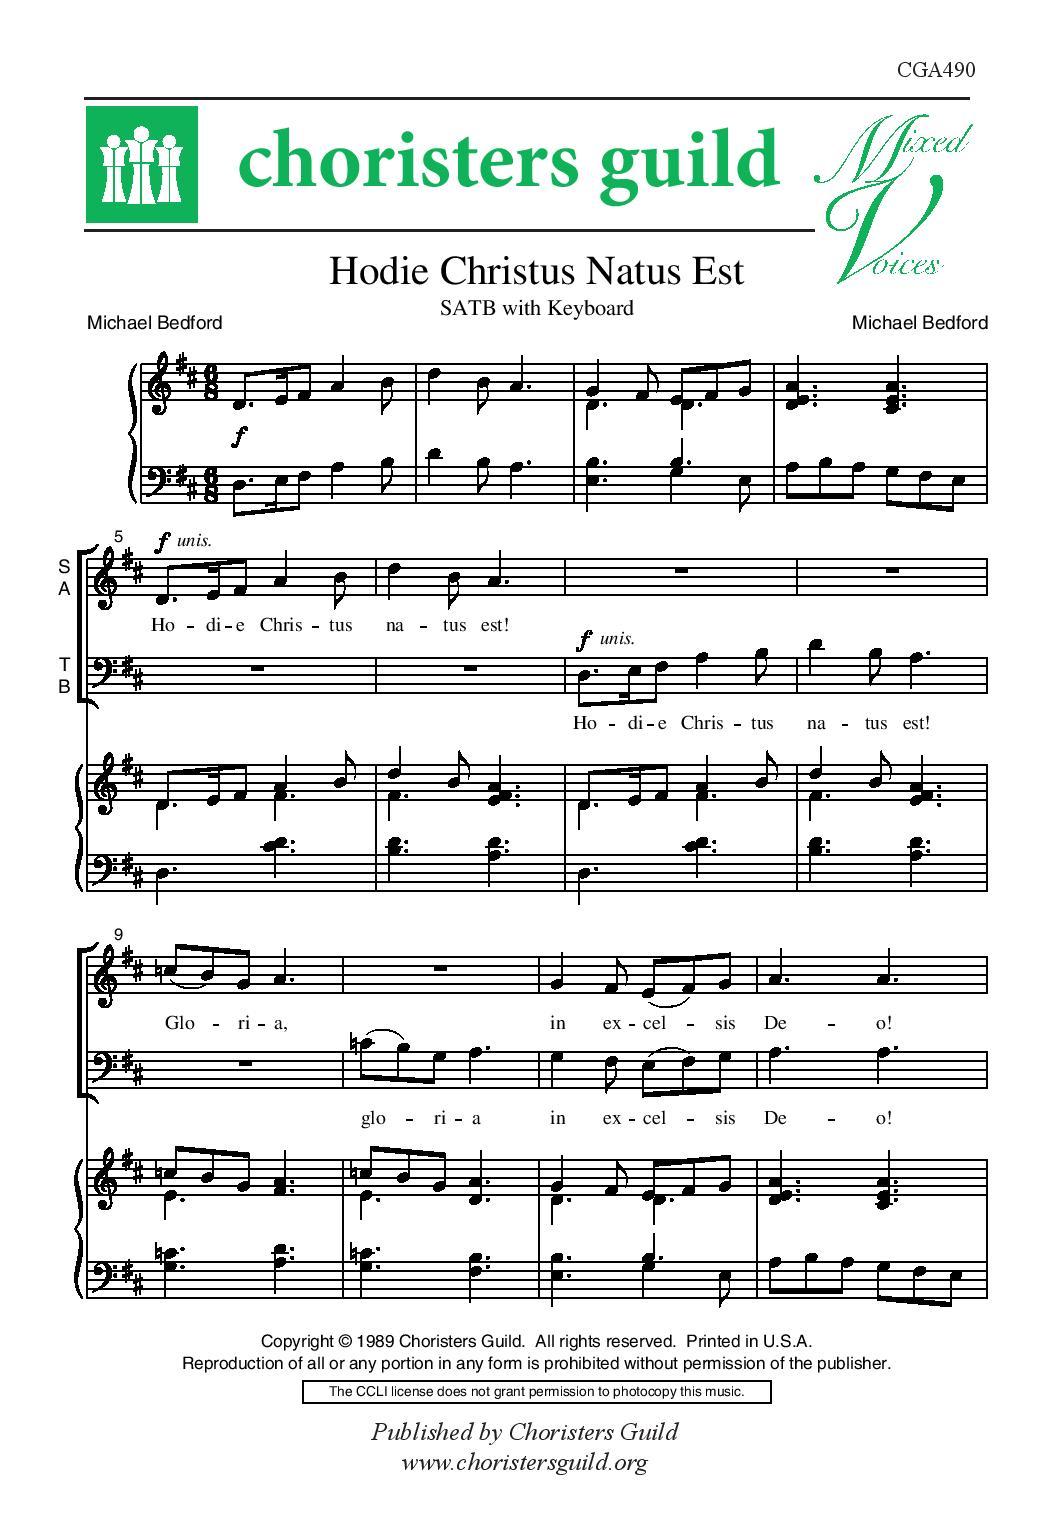 Hodie Christus Natus Est SATB